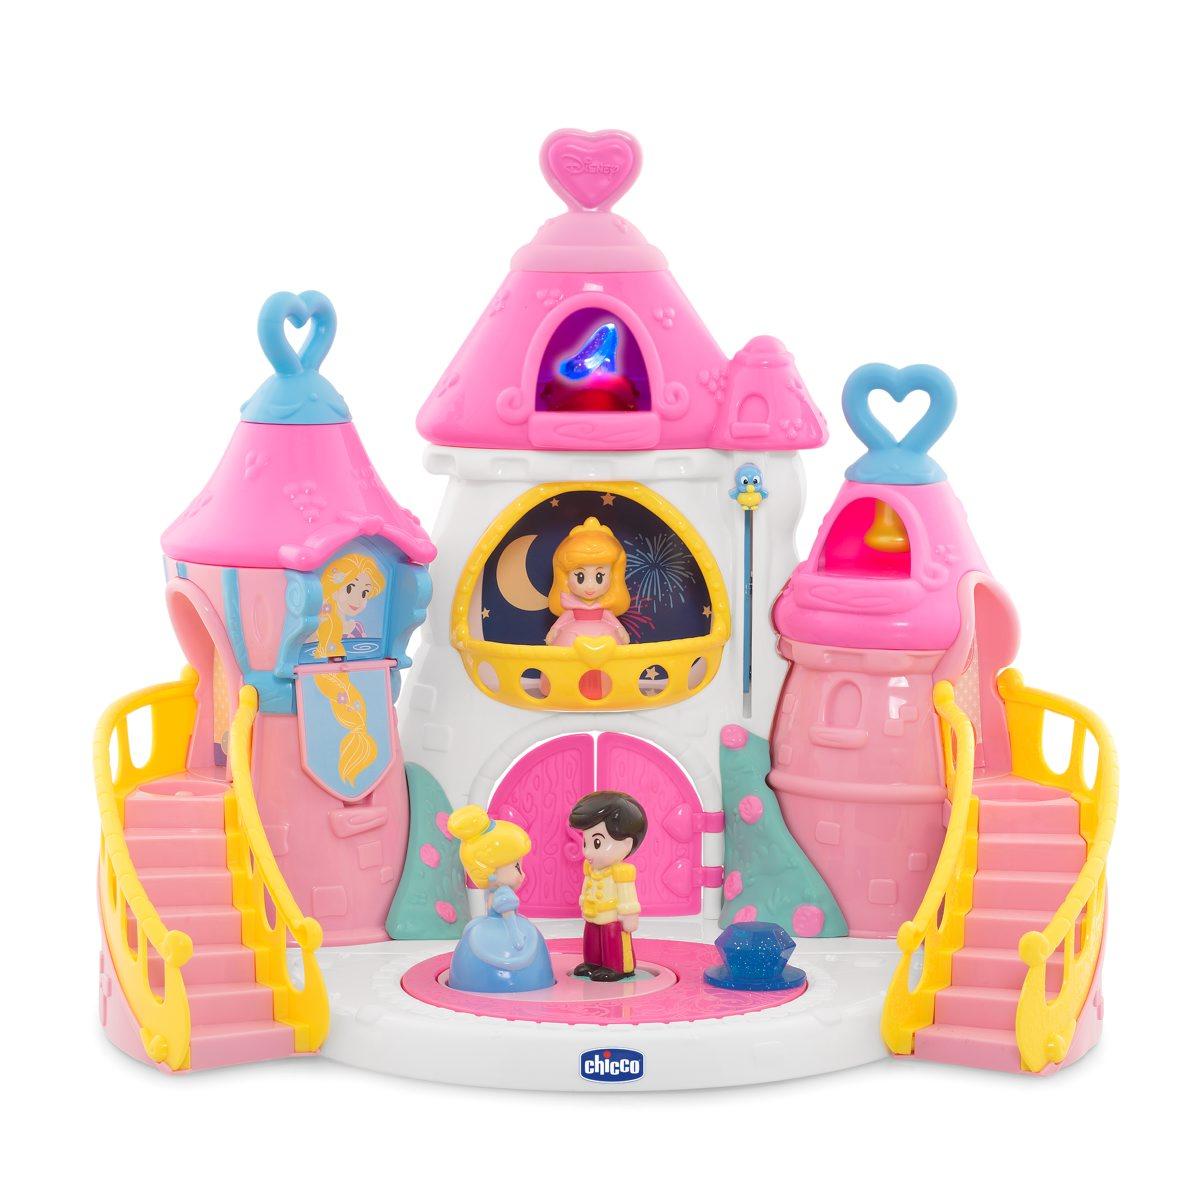 Chicco Волшебный замок Принцесс Disney00007603000000